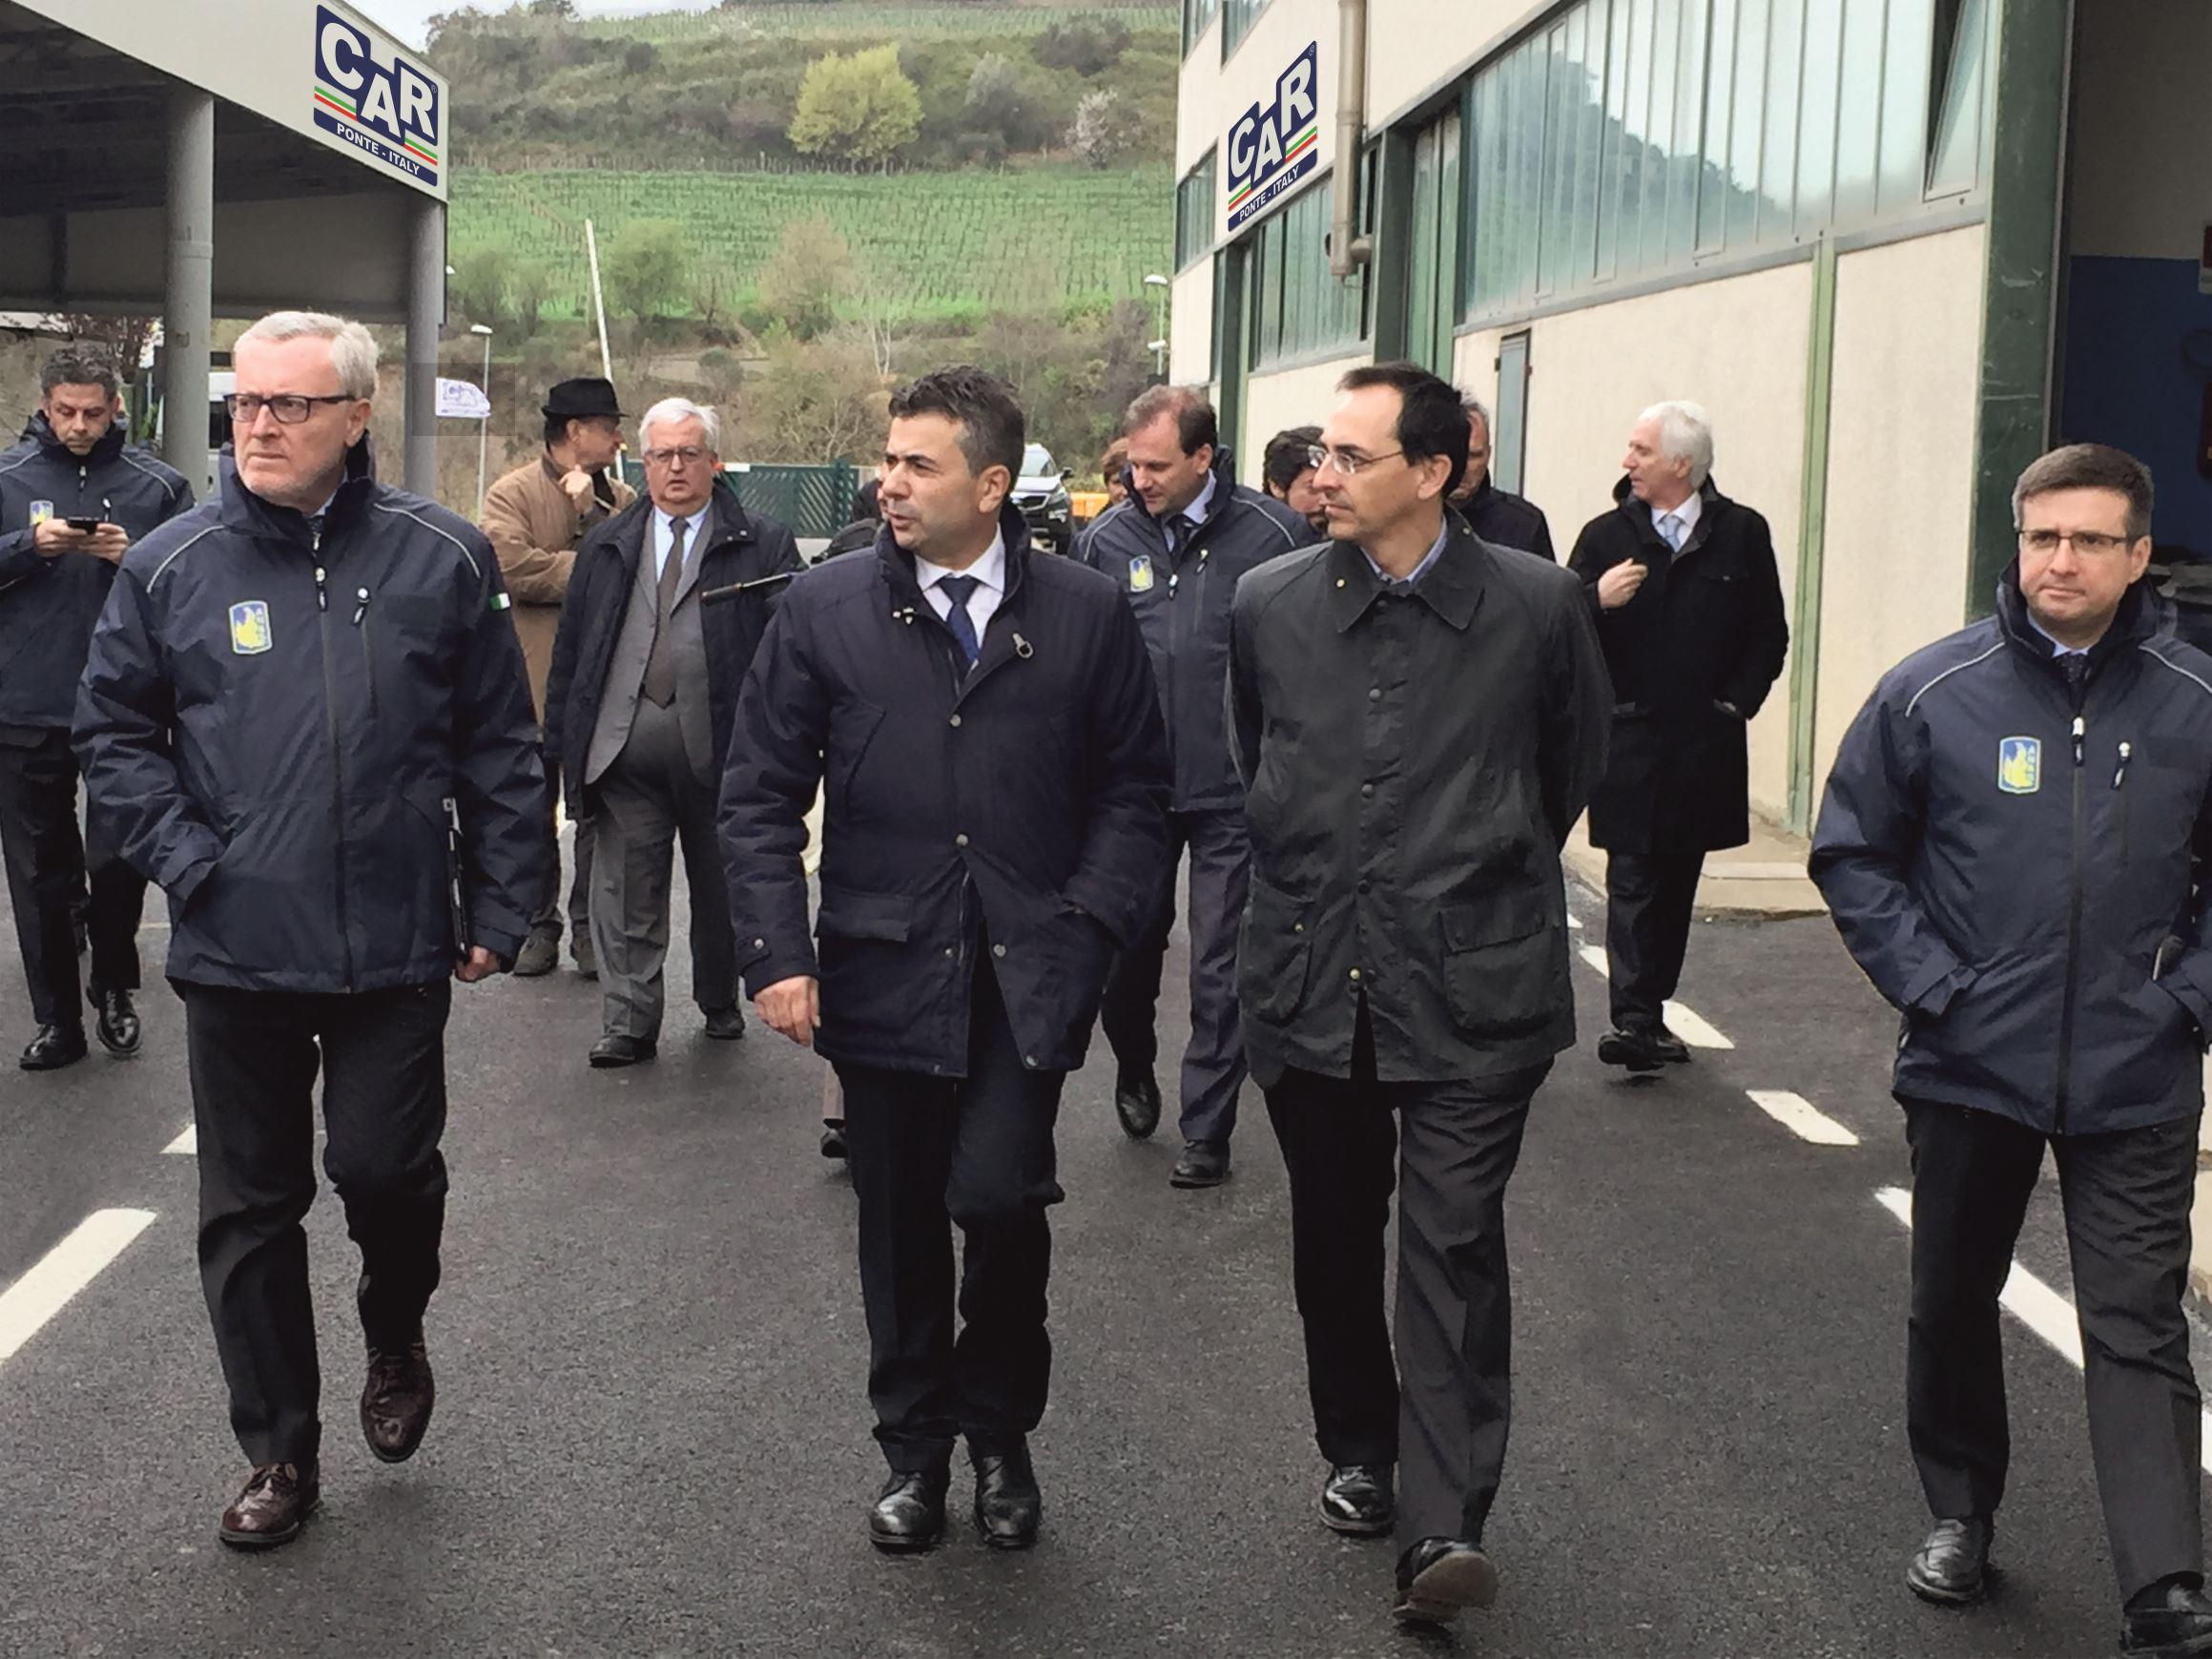 Campionati mondiali di sci alpino 2021, la SAC di Enzo Rillo a Cortina per interventi di protezione del rischio idrogeologico